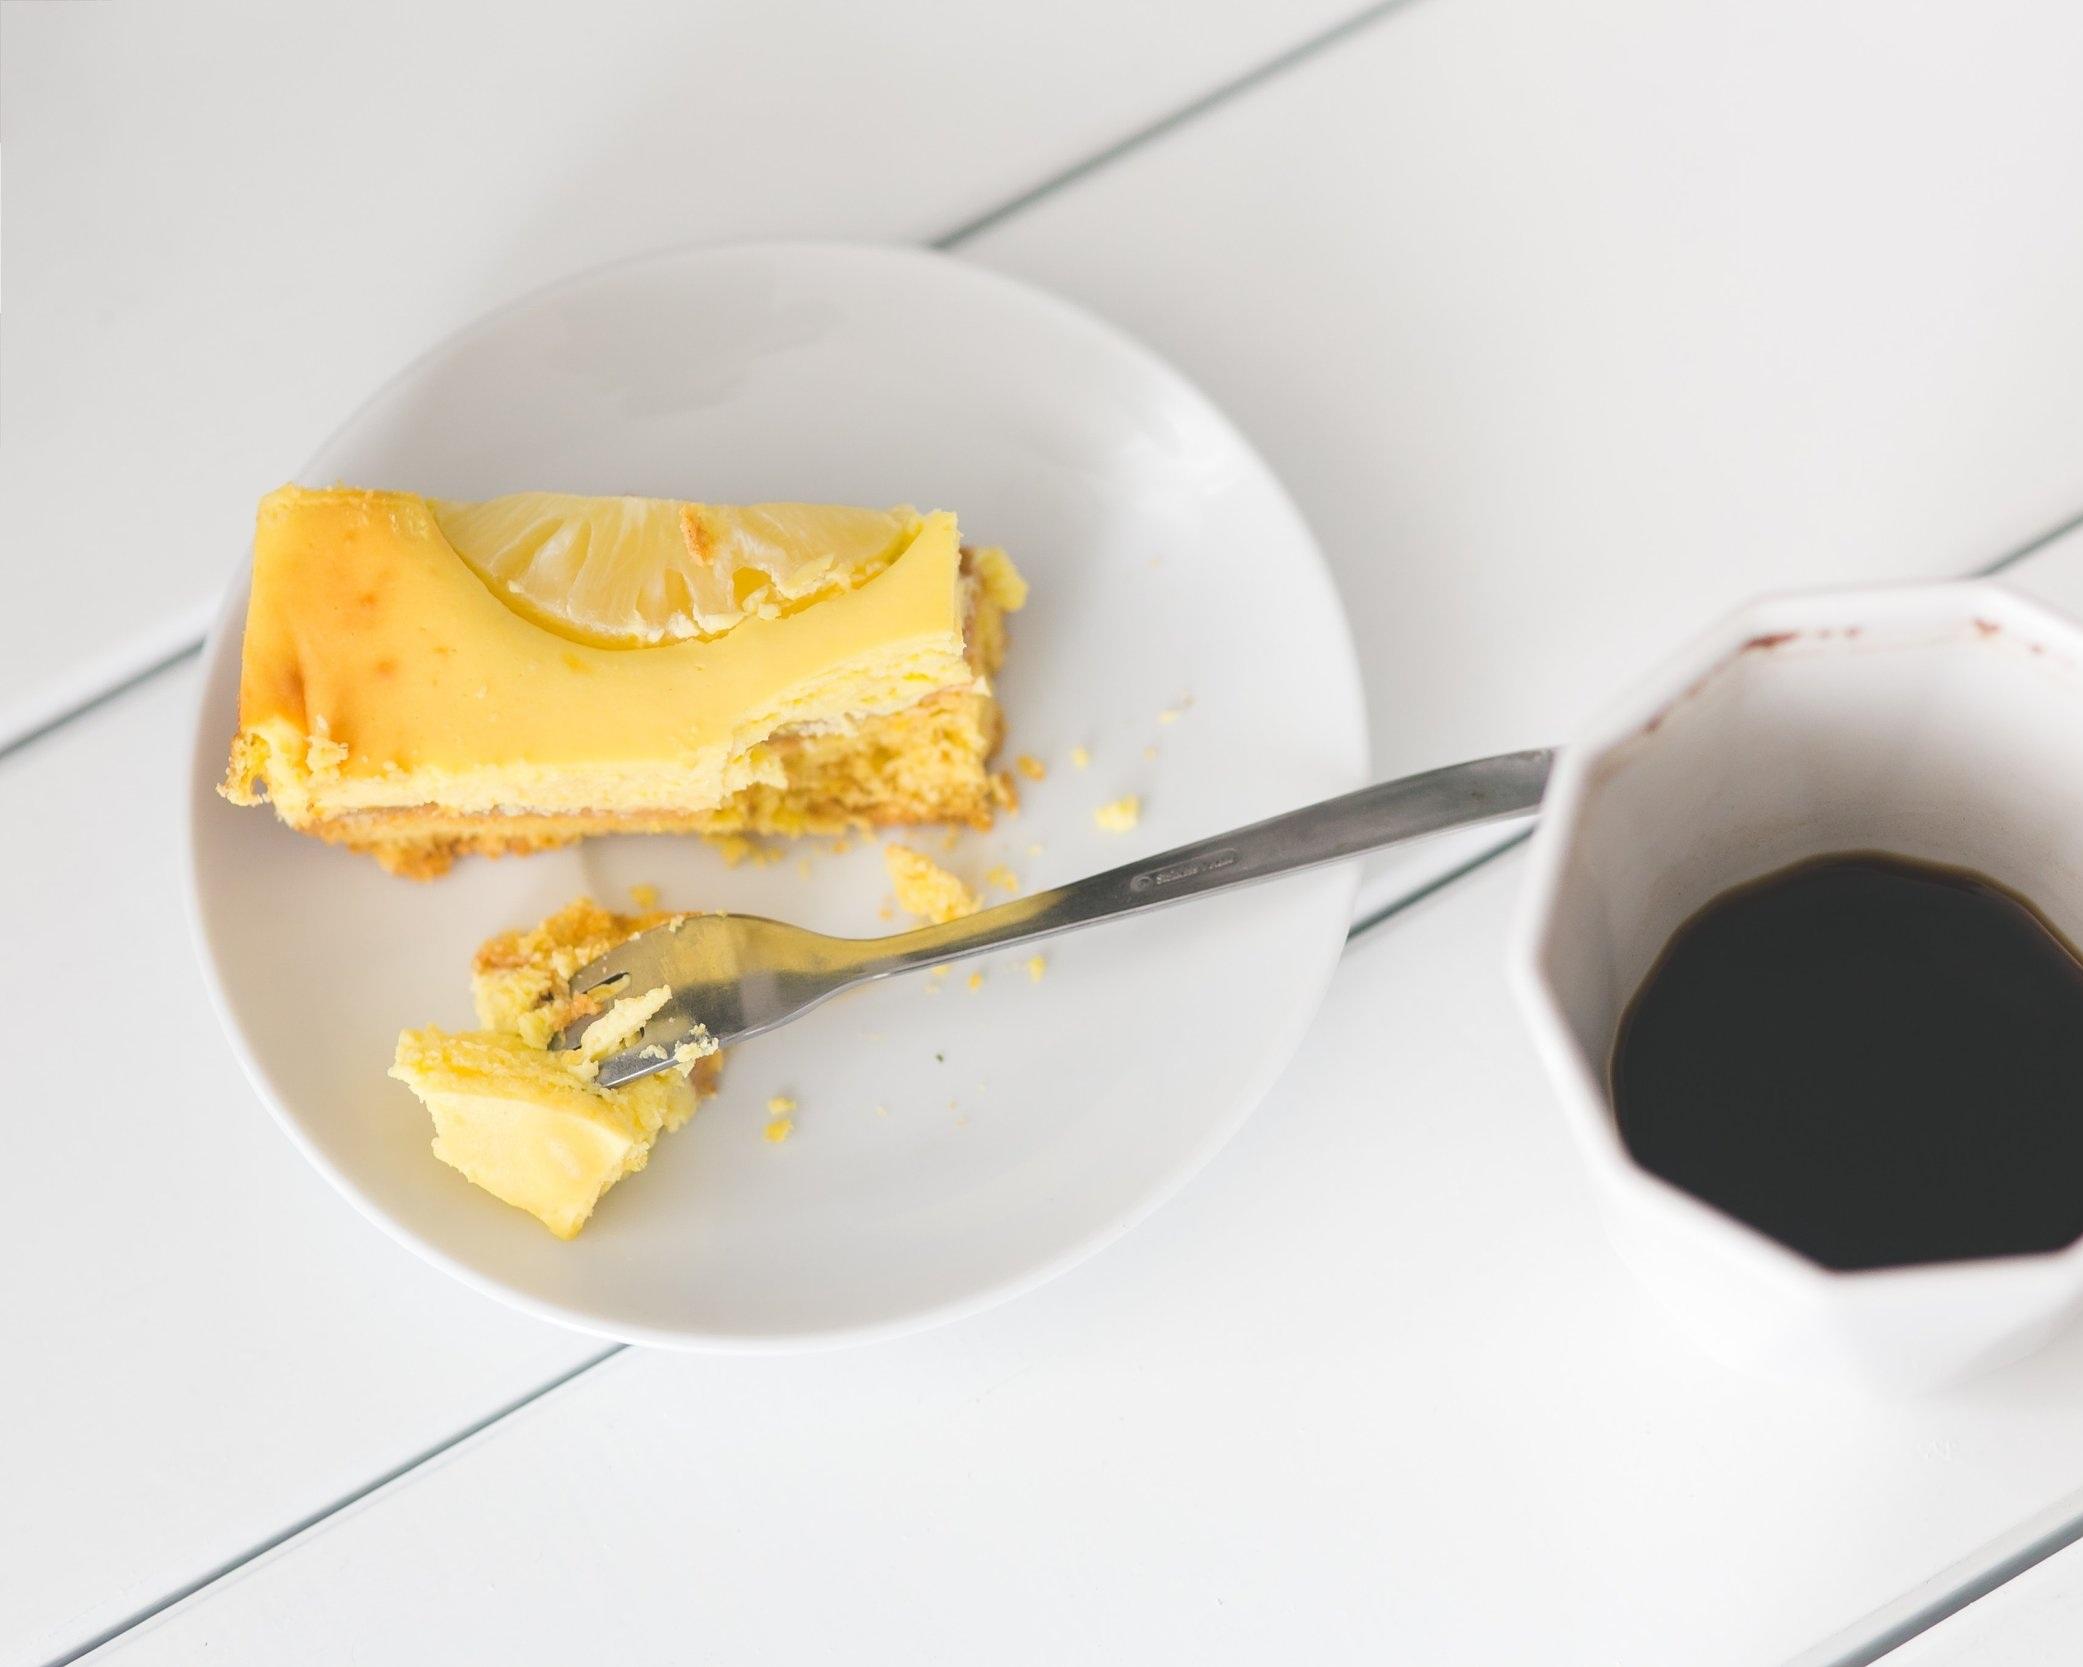 bake-bakery-cake-6600.jpg